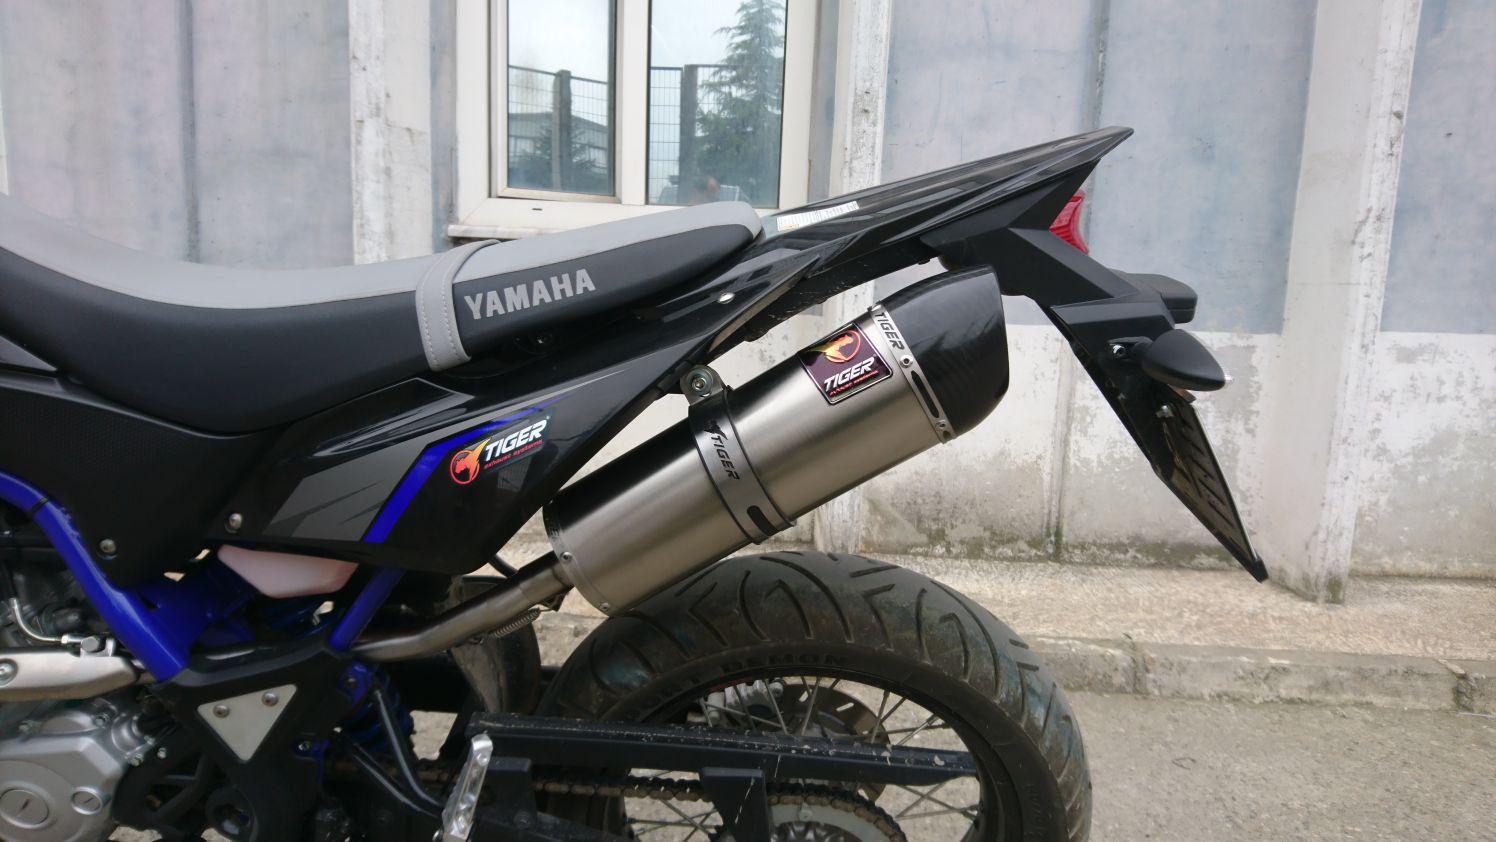 YAMAHA WR 125 EXHAUST